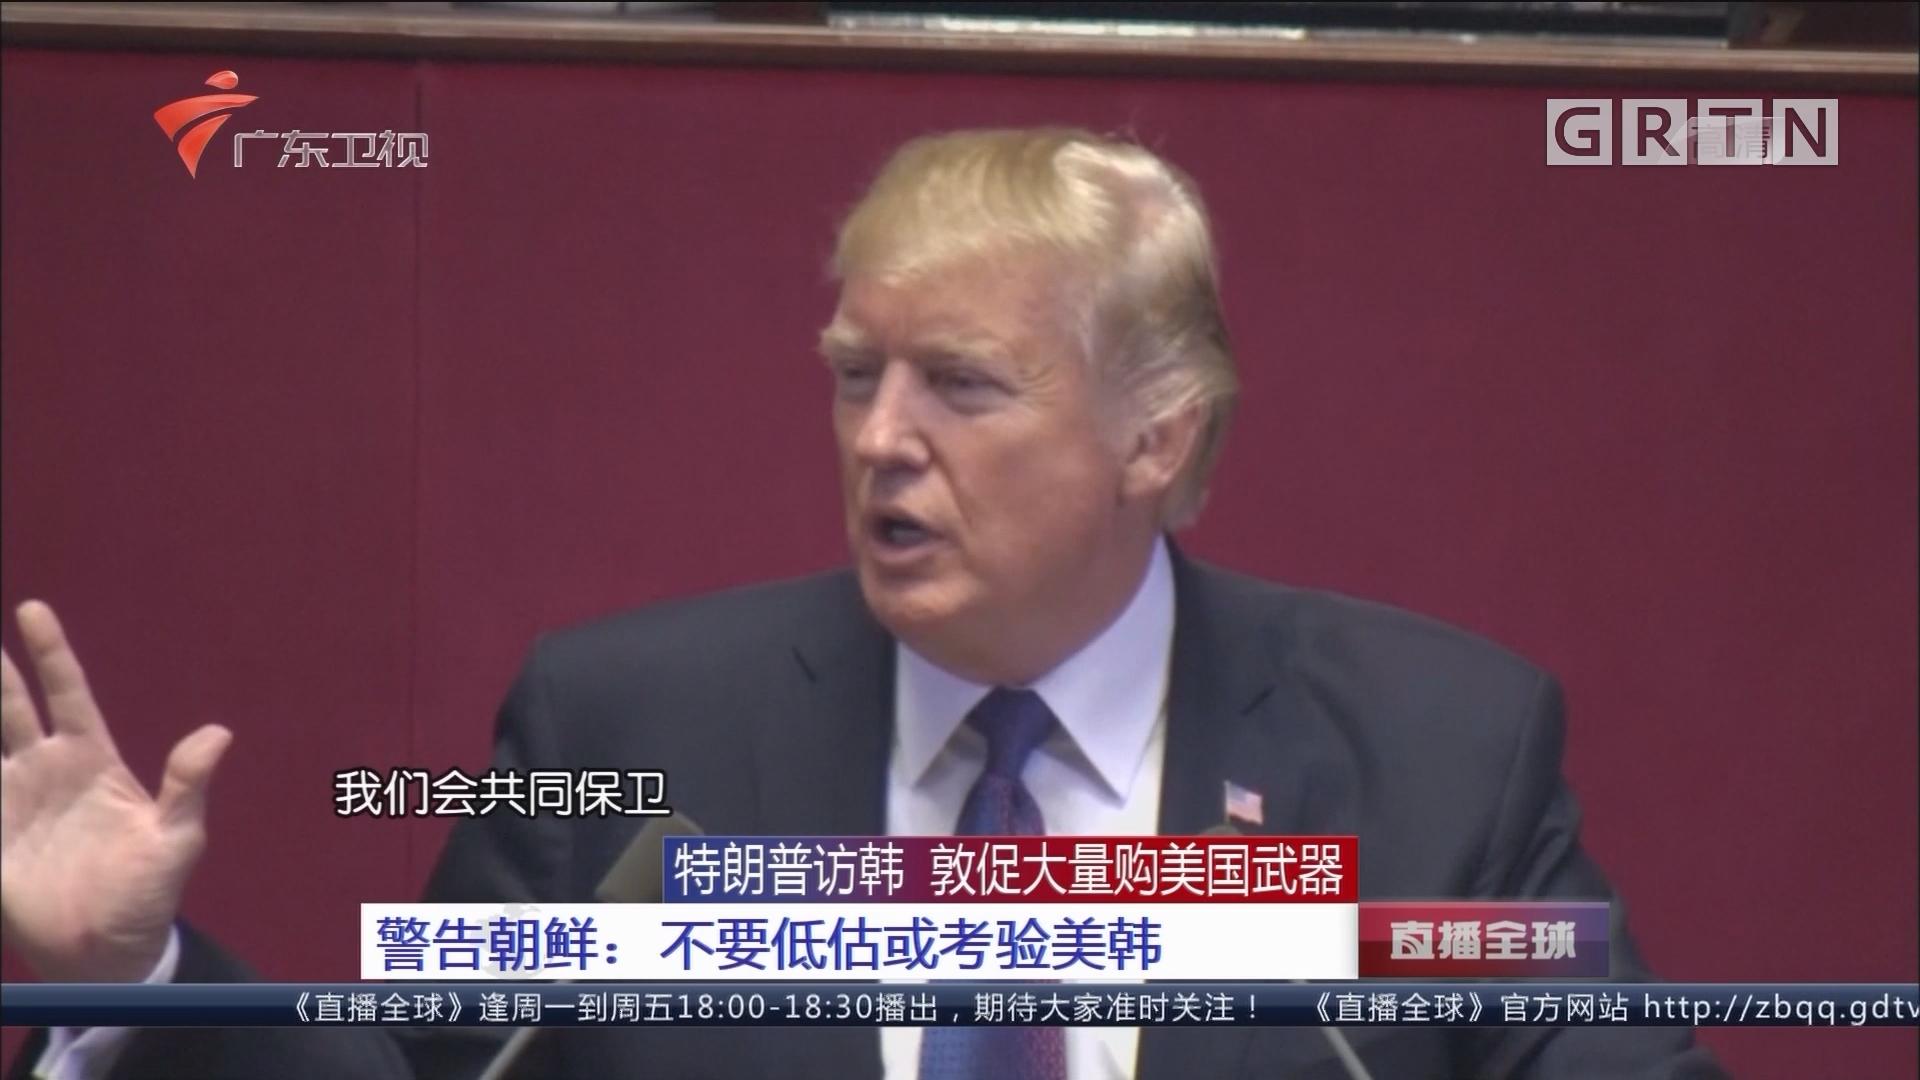 特朗普访韩 敦促大量购美国武器 警告朝鲜:不要低估或考验美韩